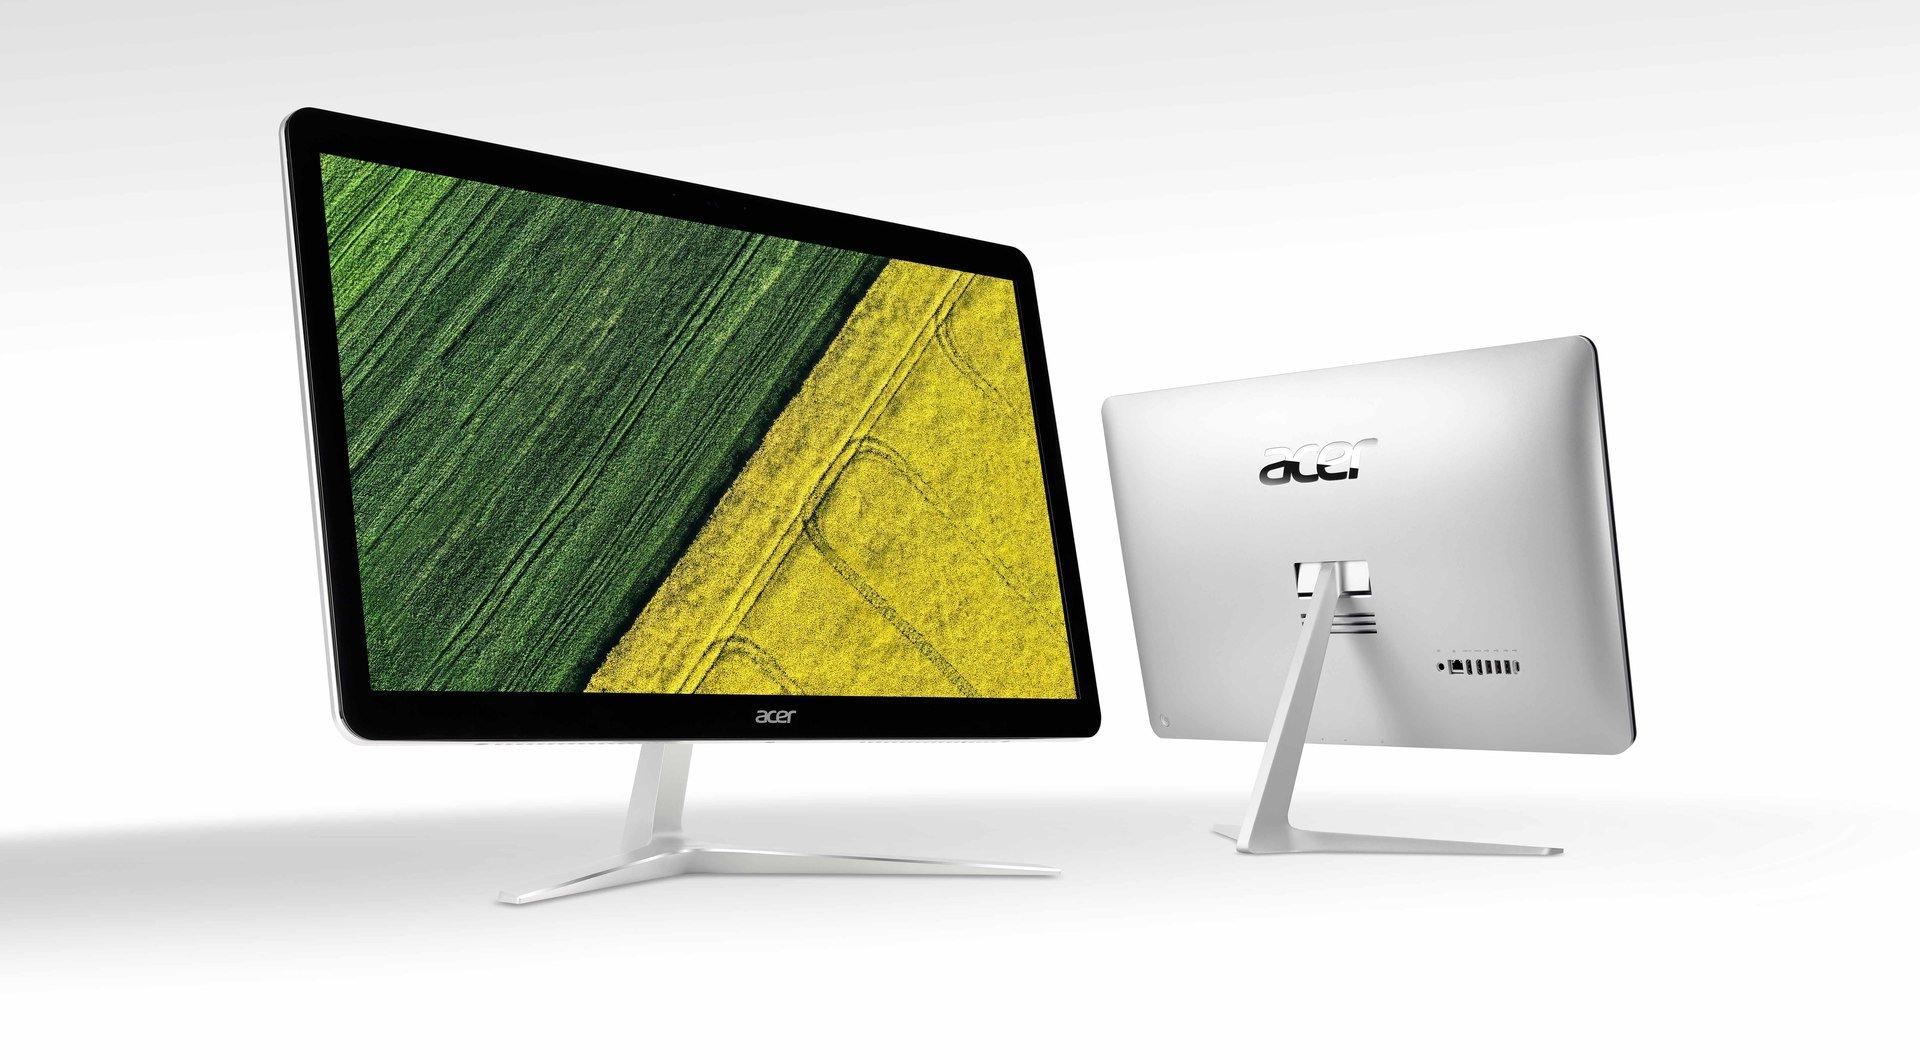 Nowe, smukłe komputery typu all-in-one serii Acer Aspire nadadzą stylu współczesnym domom